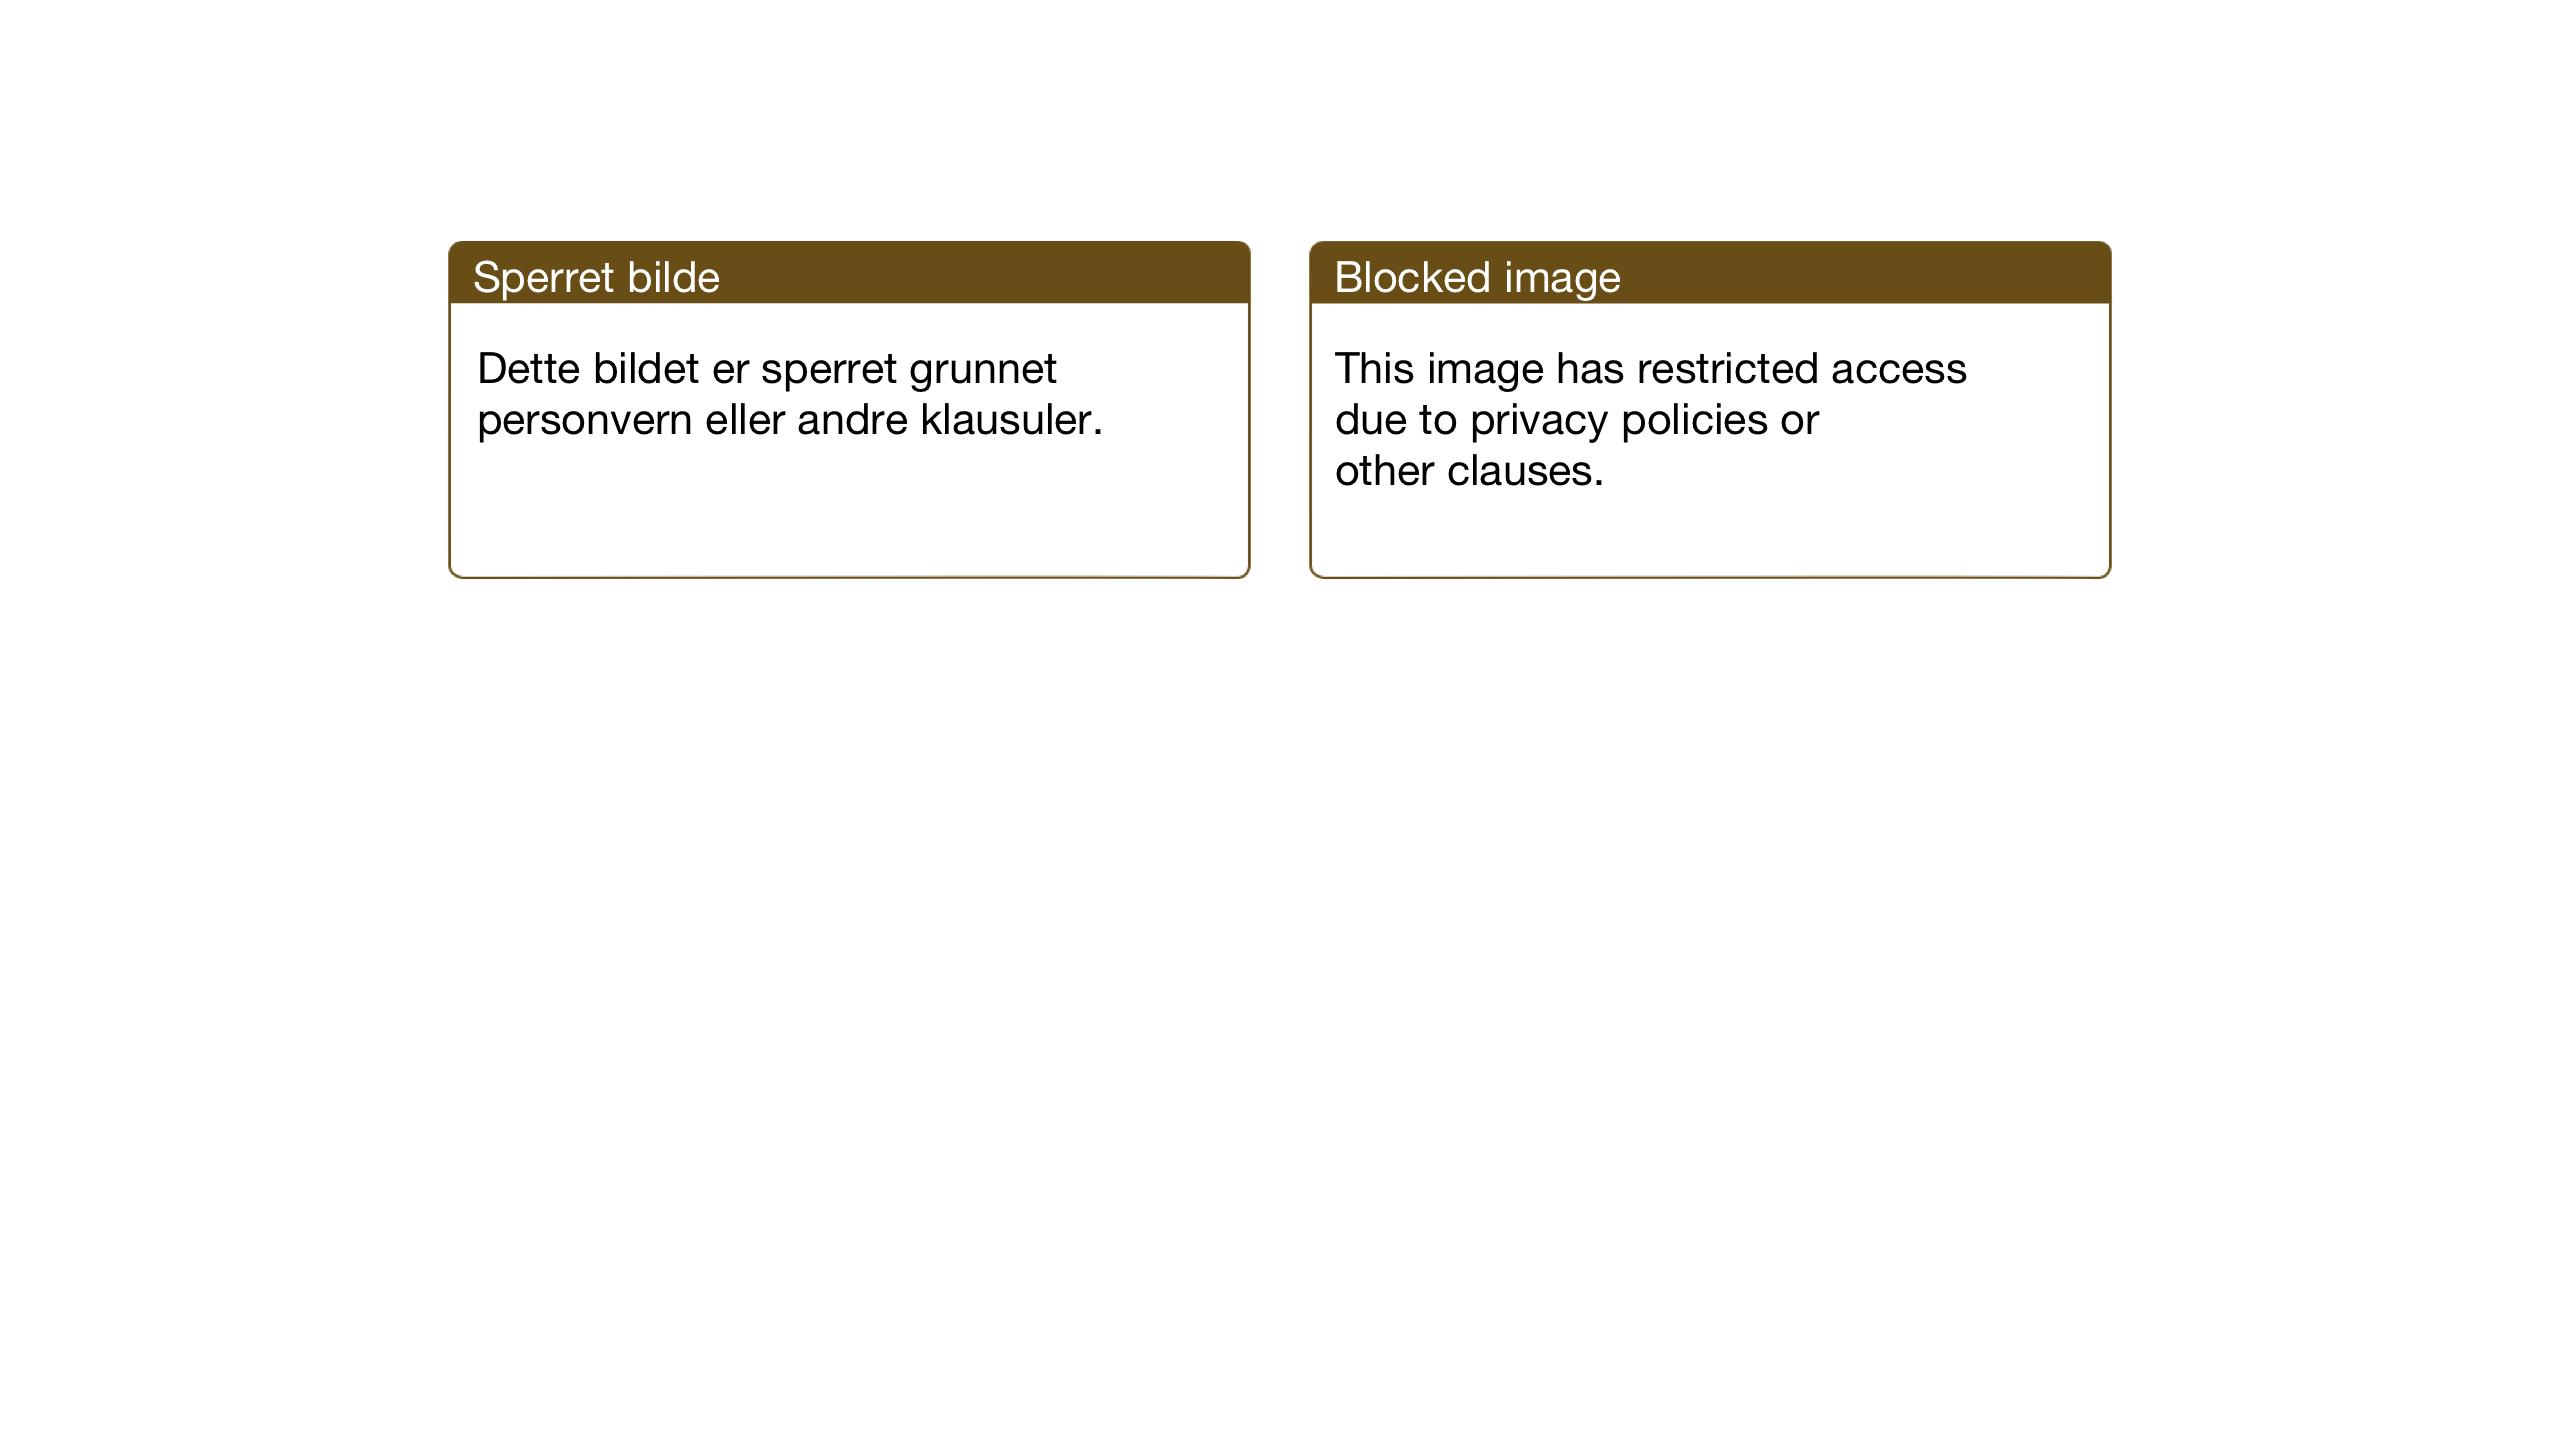 SAT, Ministerialprotokoller, klokkerbøker og fødselsregistre - Sør-Trøndelag, 698/L1169: Klokkerbok nr. 698C06, 1930-1949, s. 27